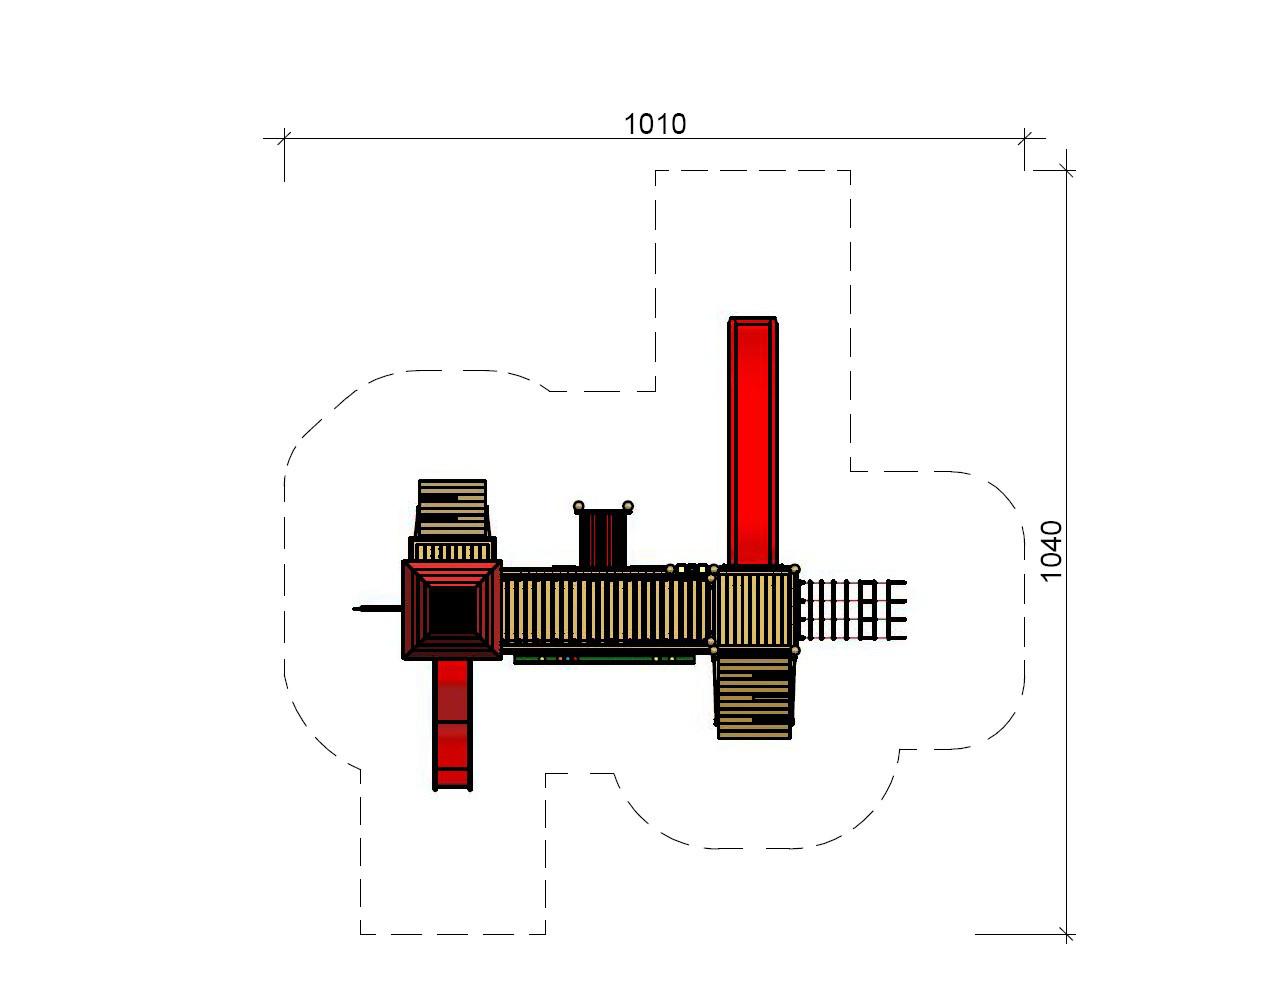 spielburg waldnest rathschlag spielelemente produkt. Black Bedroom Furniture Sets. Home Design Ideas